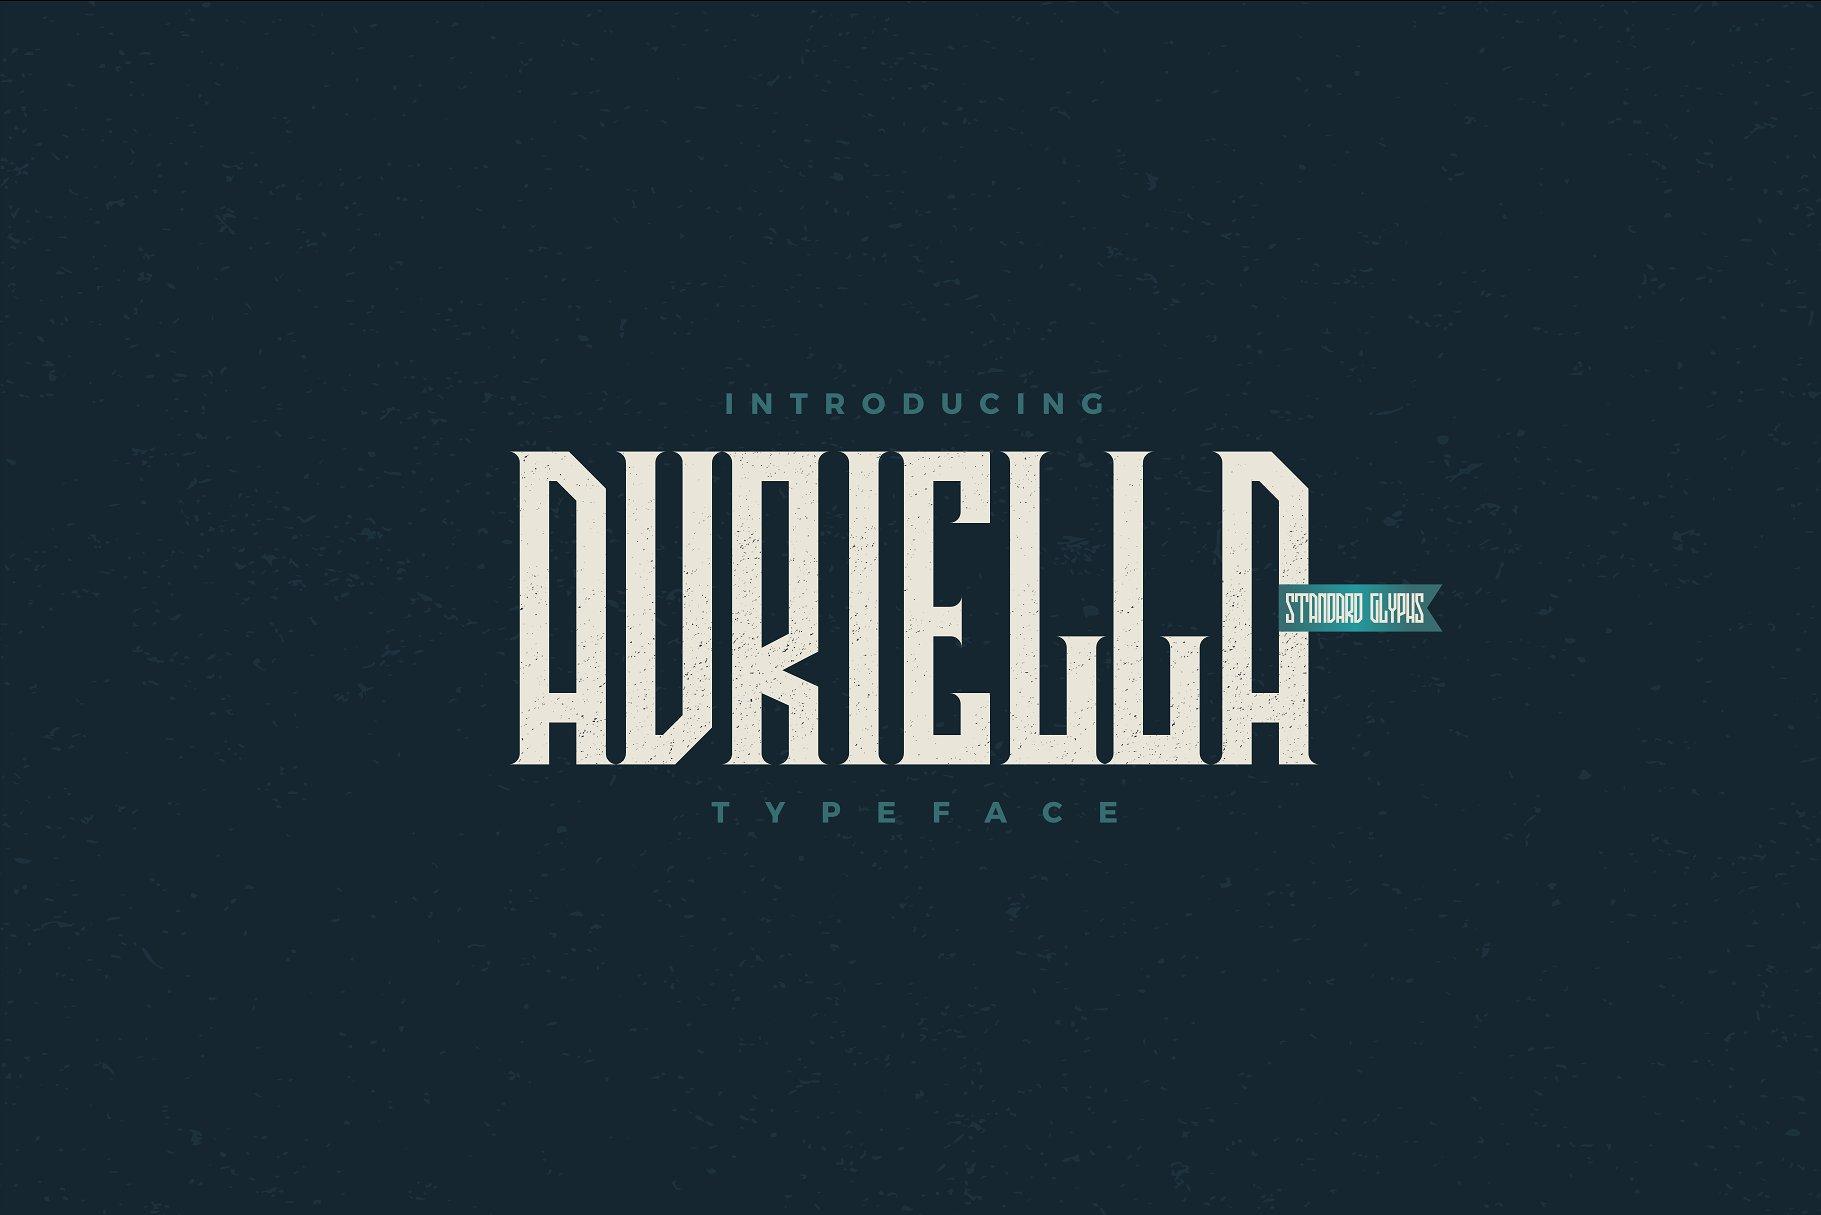 Avriella Free Font - decorative-display